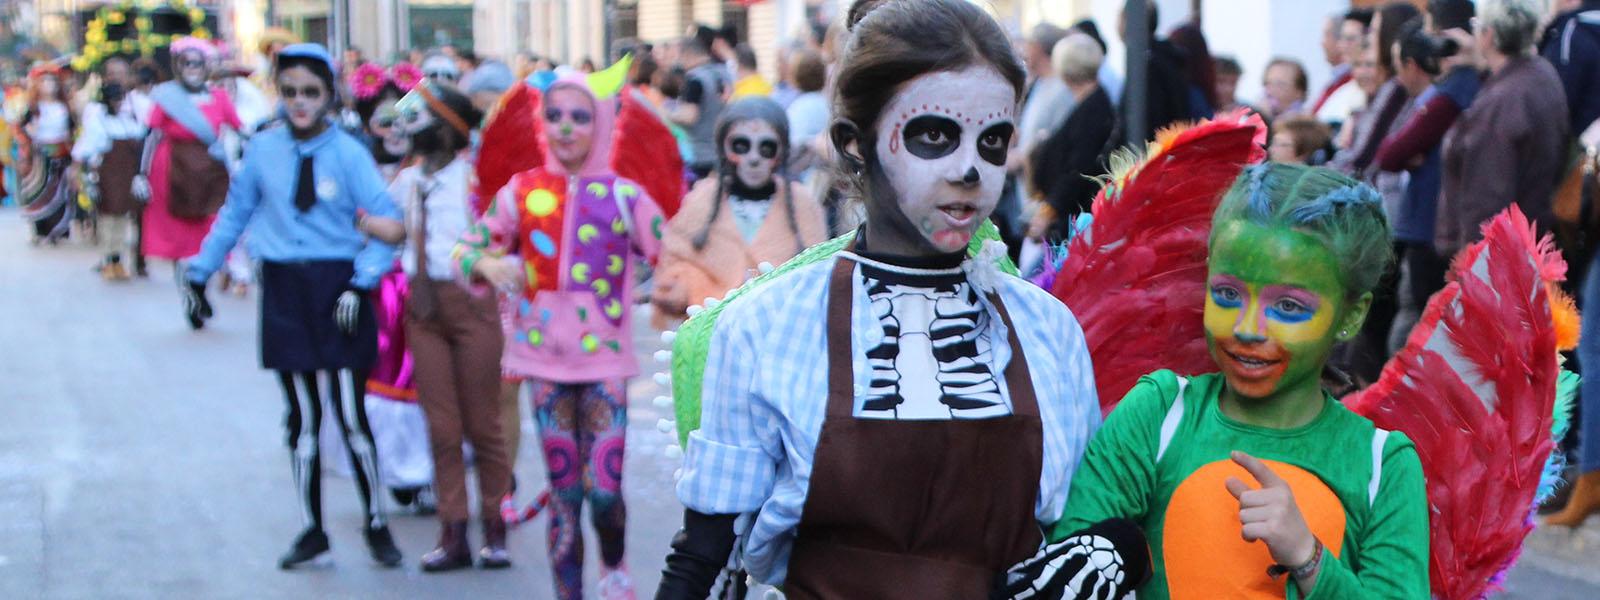 carnaval-miguelturra-loquilandia-slaider